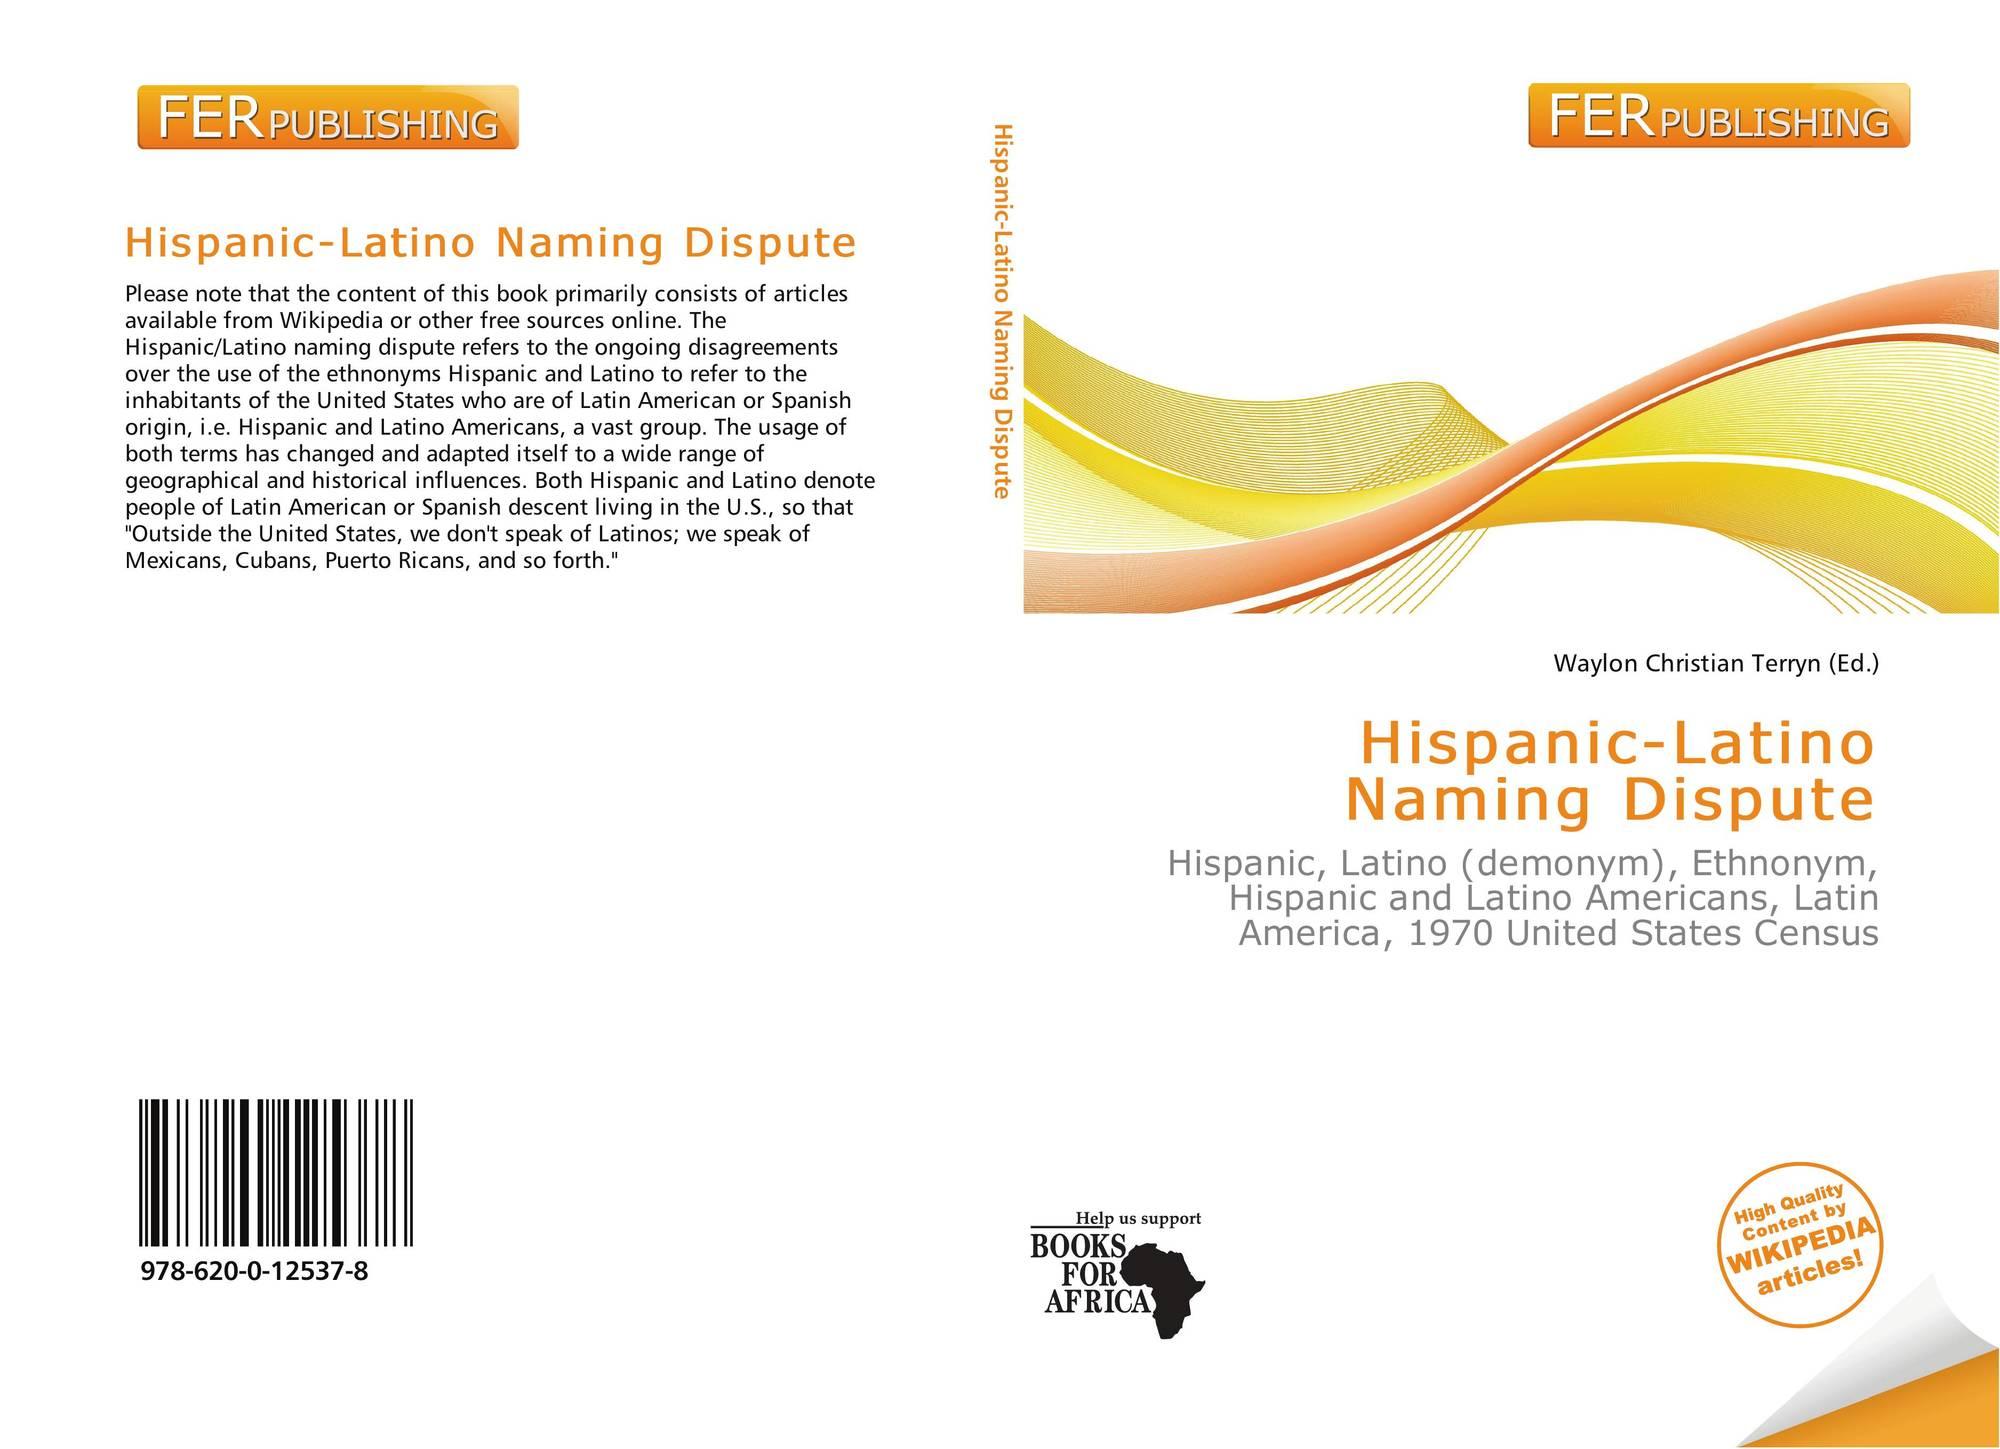 Hispanic-Latino Naming Dispute, 978-620-0-12537-8